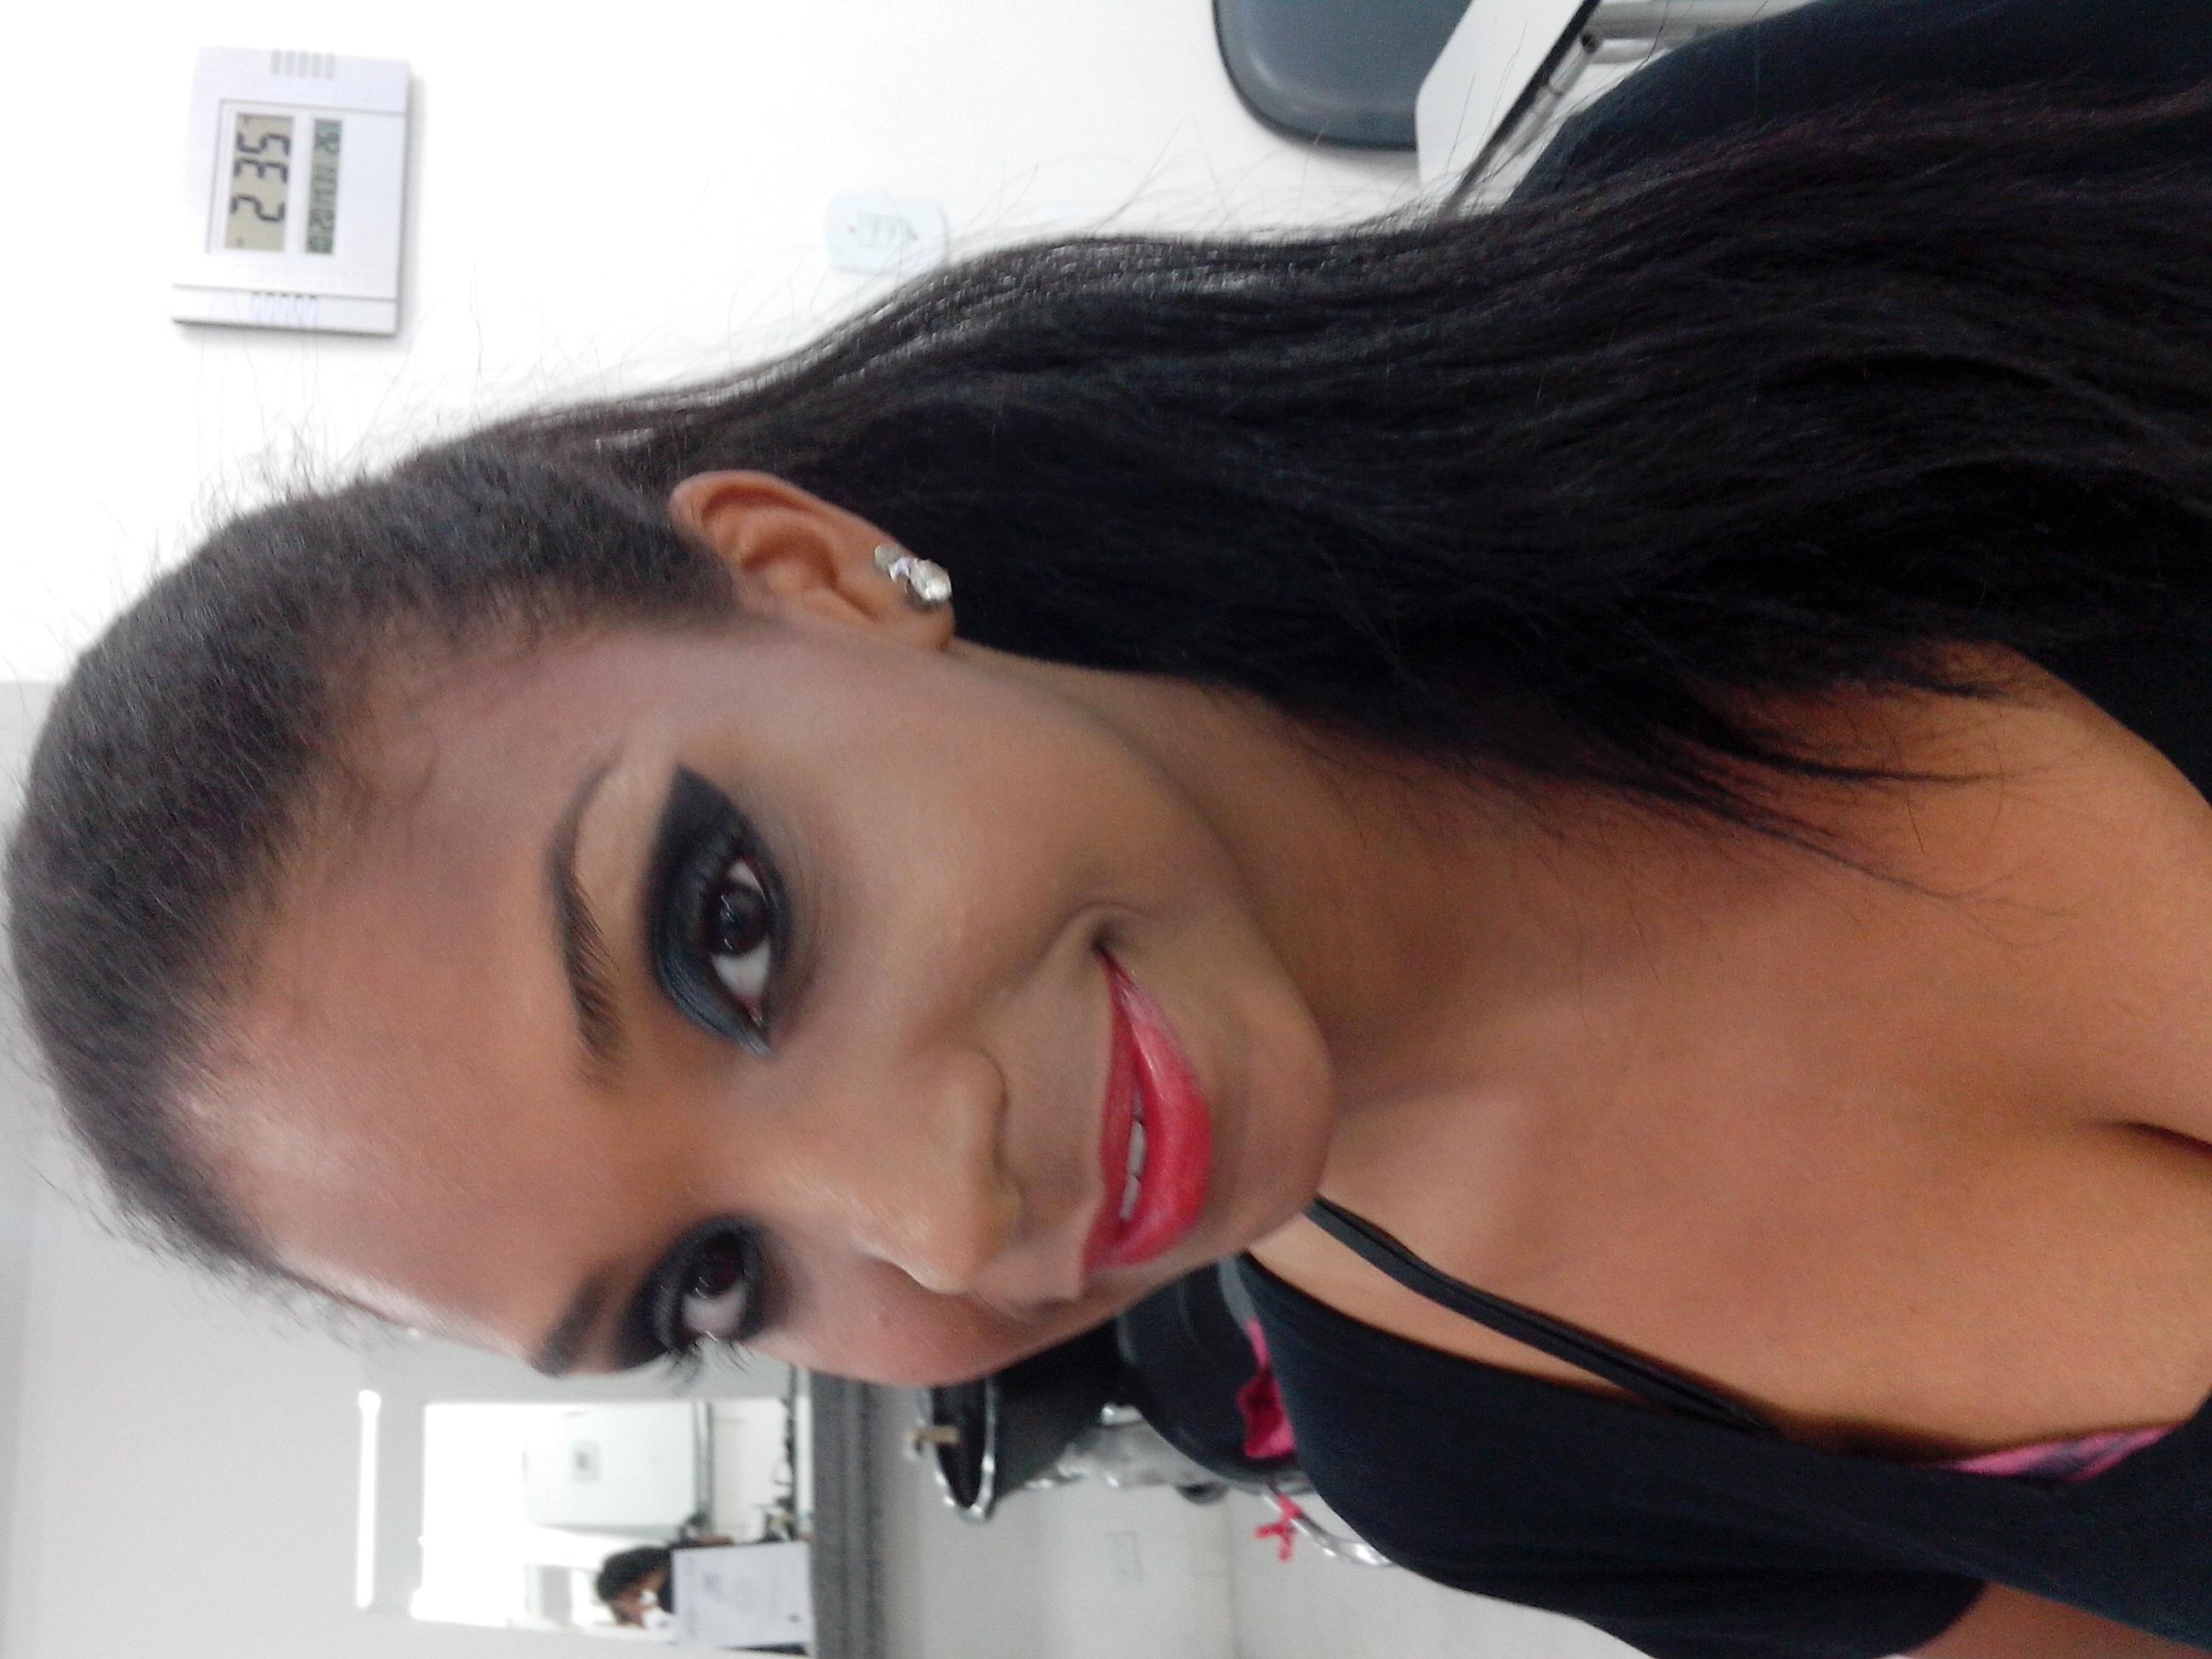 depilador(a) assistente esteticista assistente maquiador(a) designer de sobrancelhas